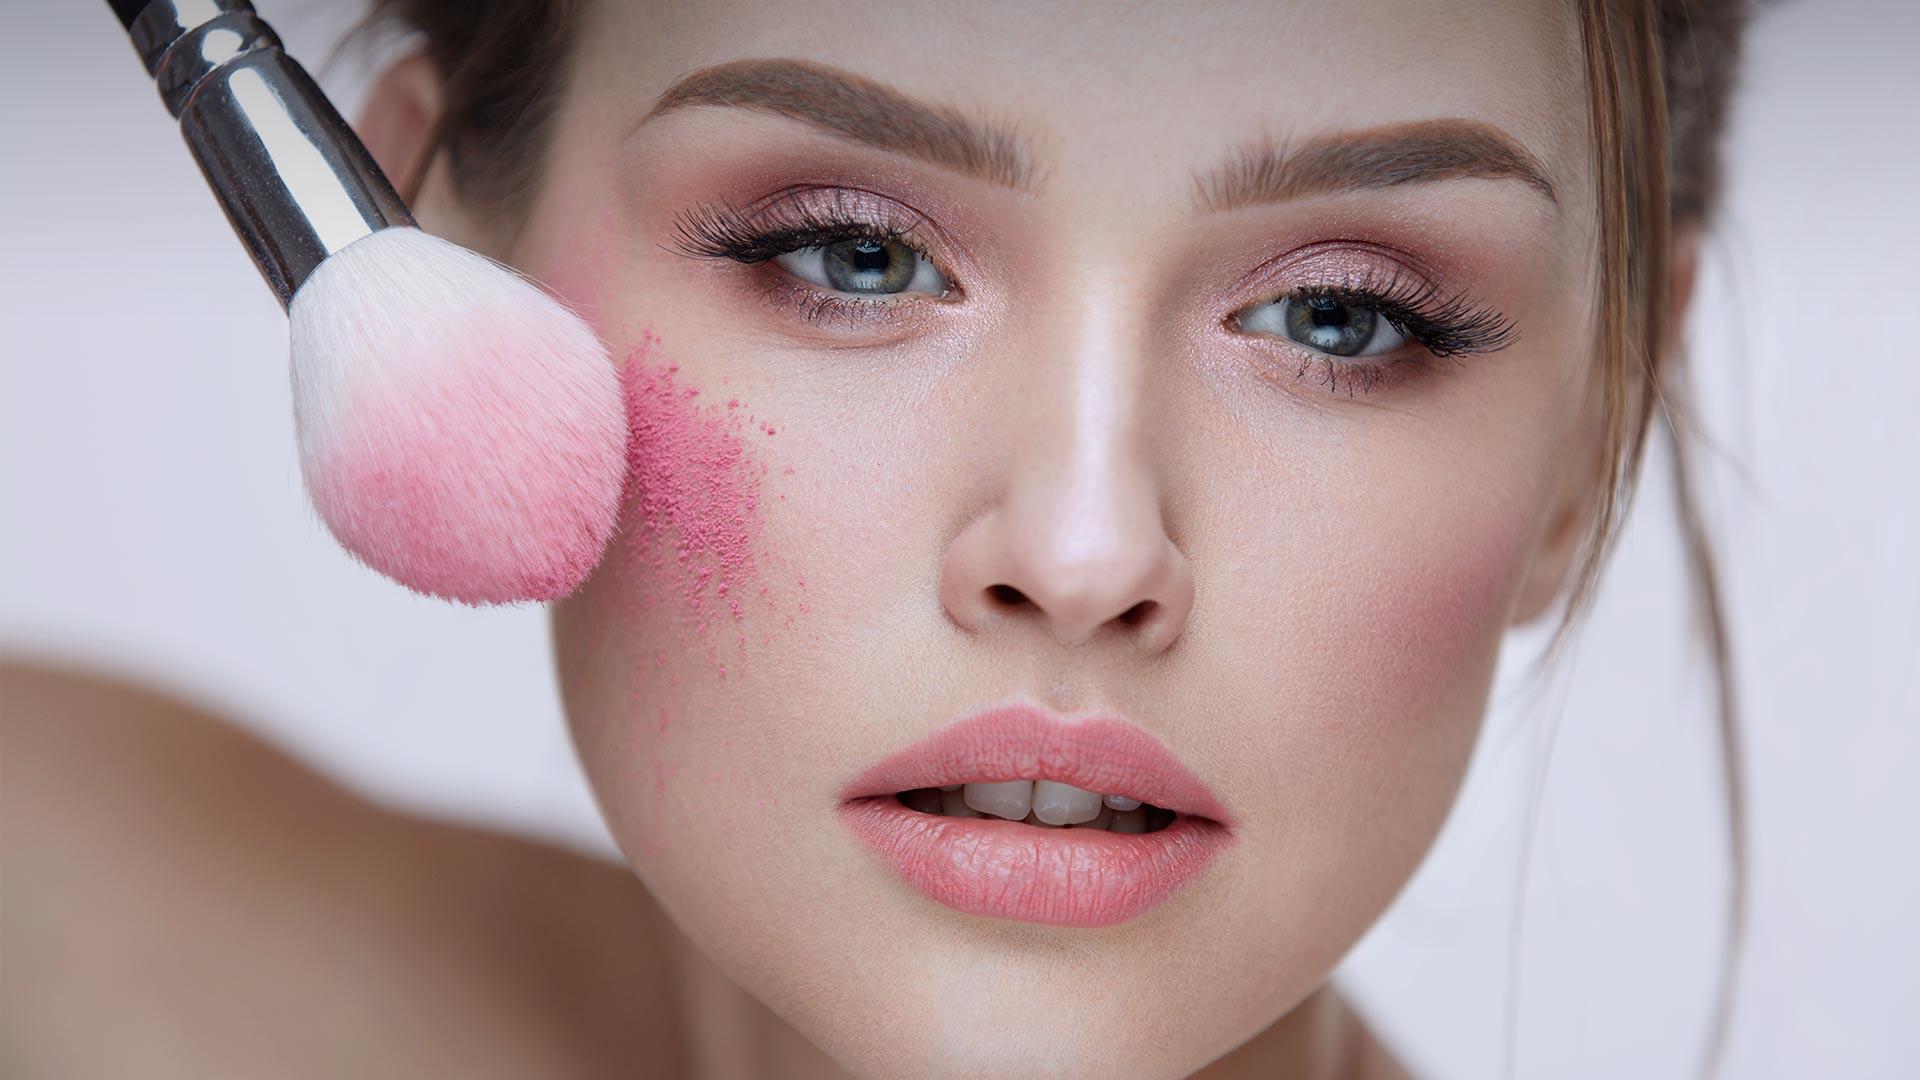 Curs de vanzari pentru retail artiști si cosmeticieneCorporate makeup